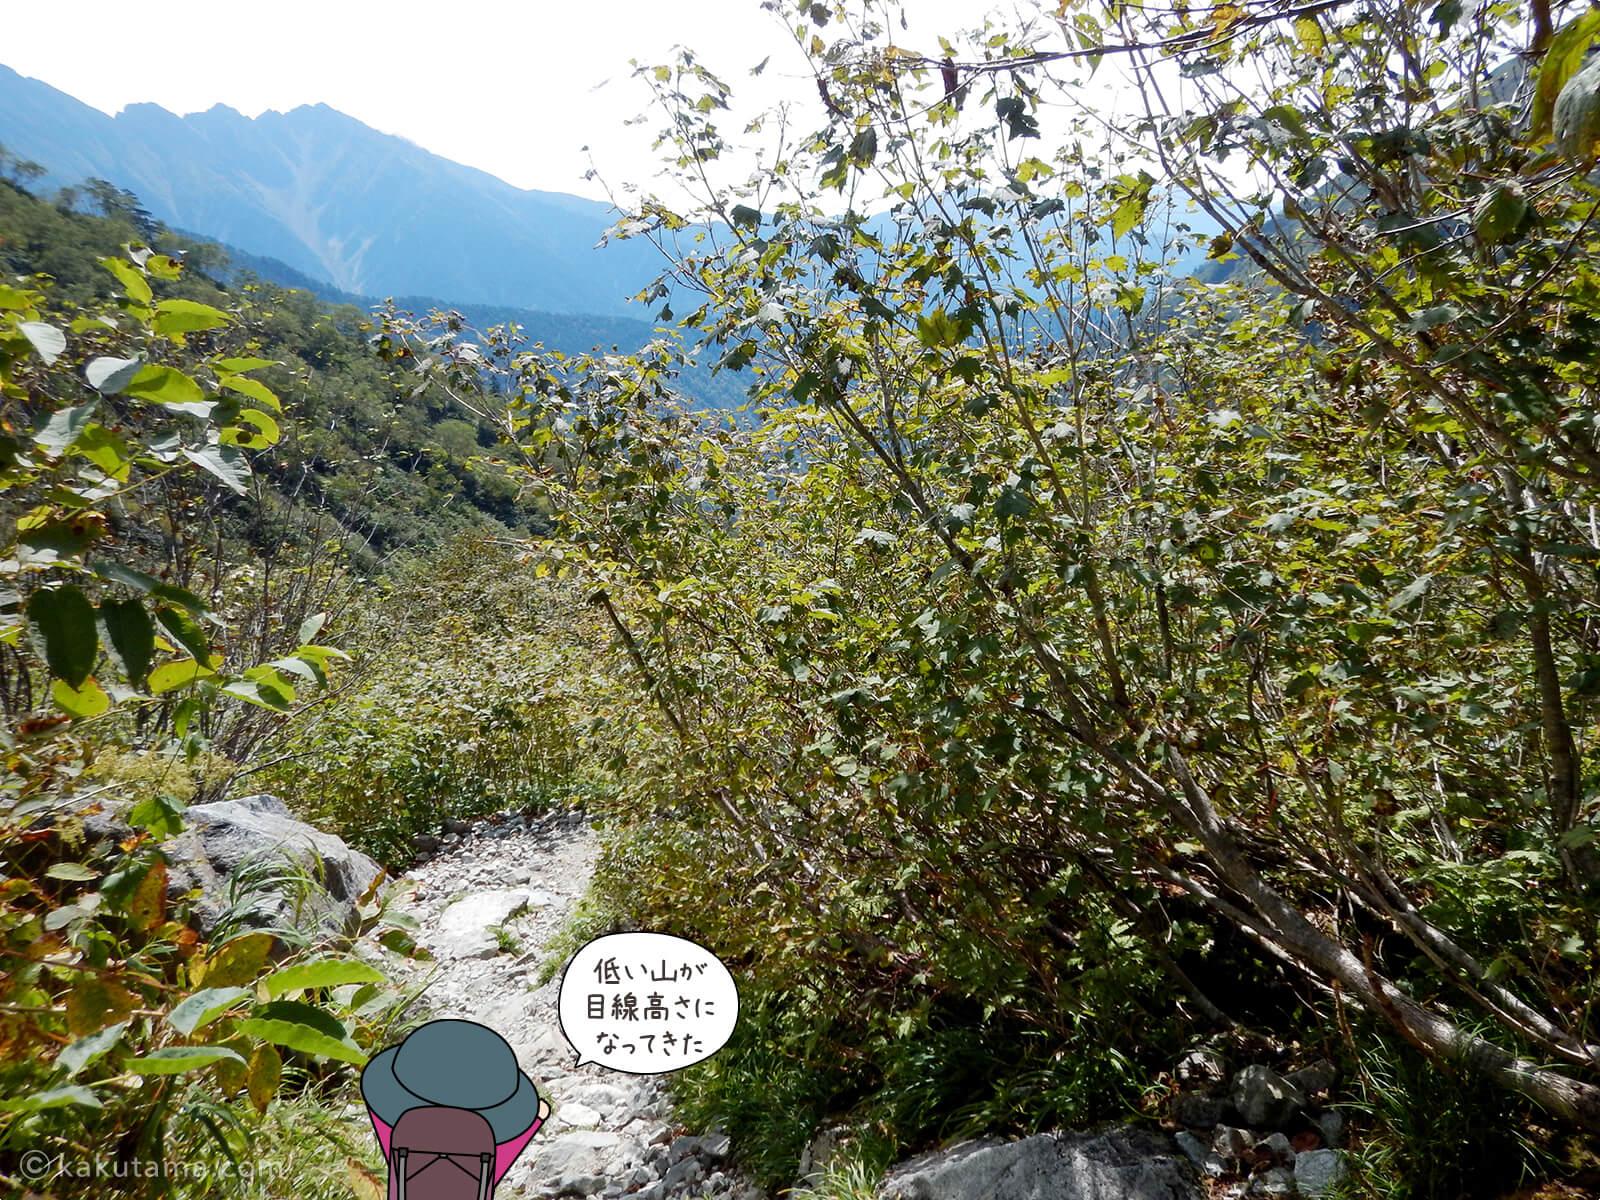 鏡平山荘から下る4